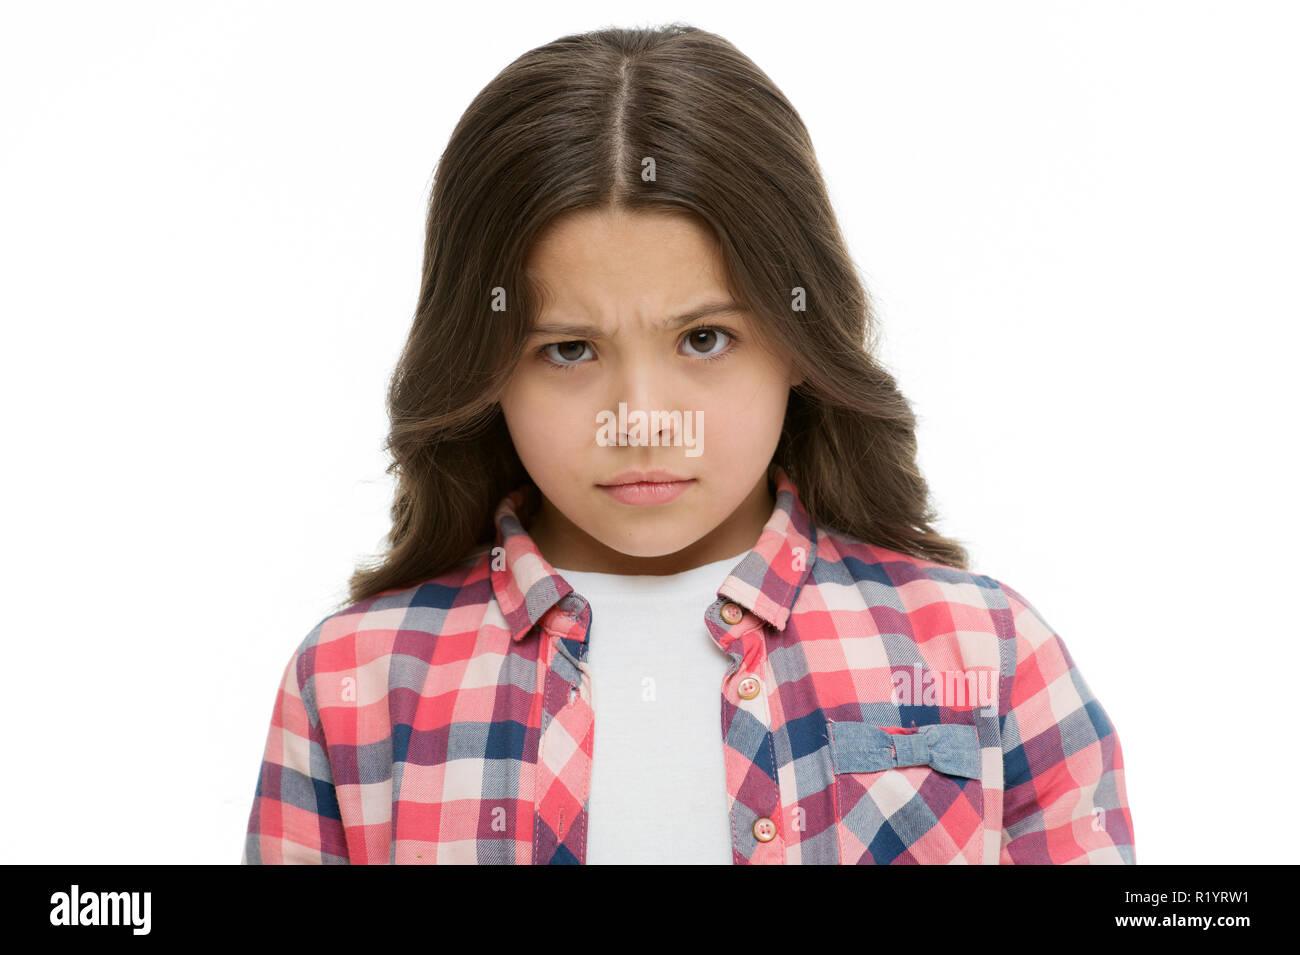 Kleines Mädchen Heben der Augenbrauen isoliert auf Weiss. Zuversichtlich Kind mit langen brünetten Haaren. Sind Sie ernst. Stop kidding mich. Blick voller vermuten. Kid sieht beleidigt und runzelte die Stirn. Stop Mobbing Konzept. Stockfoto